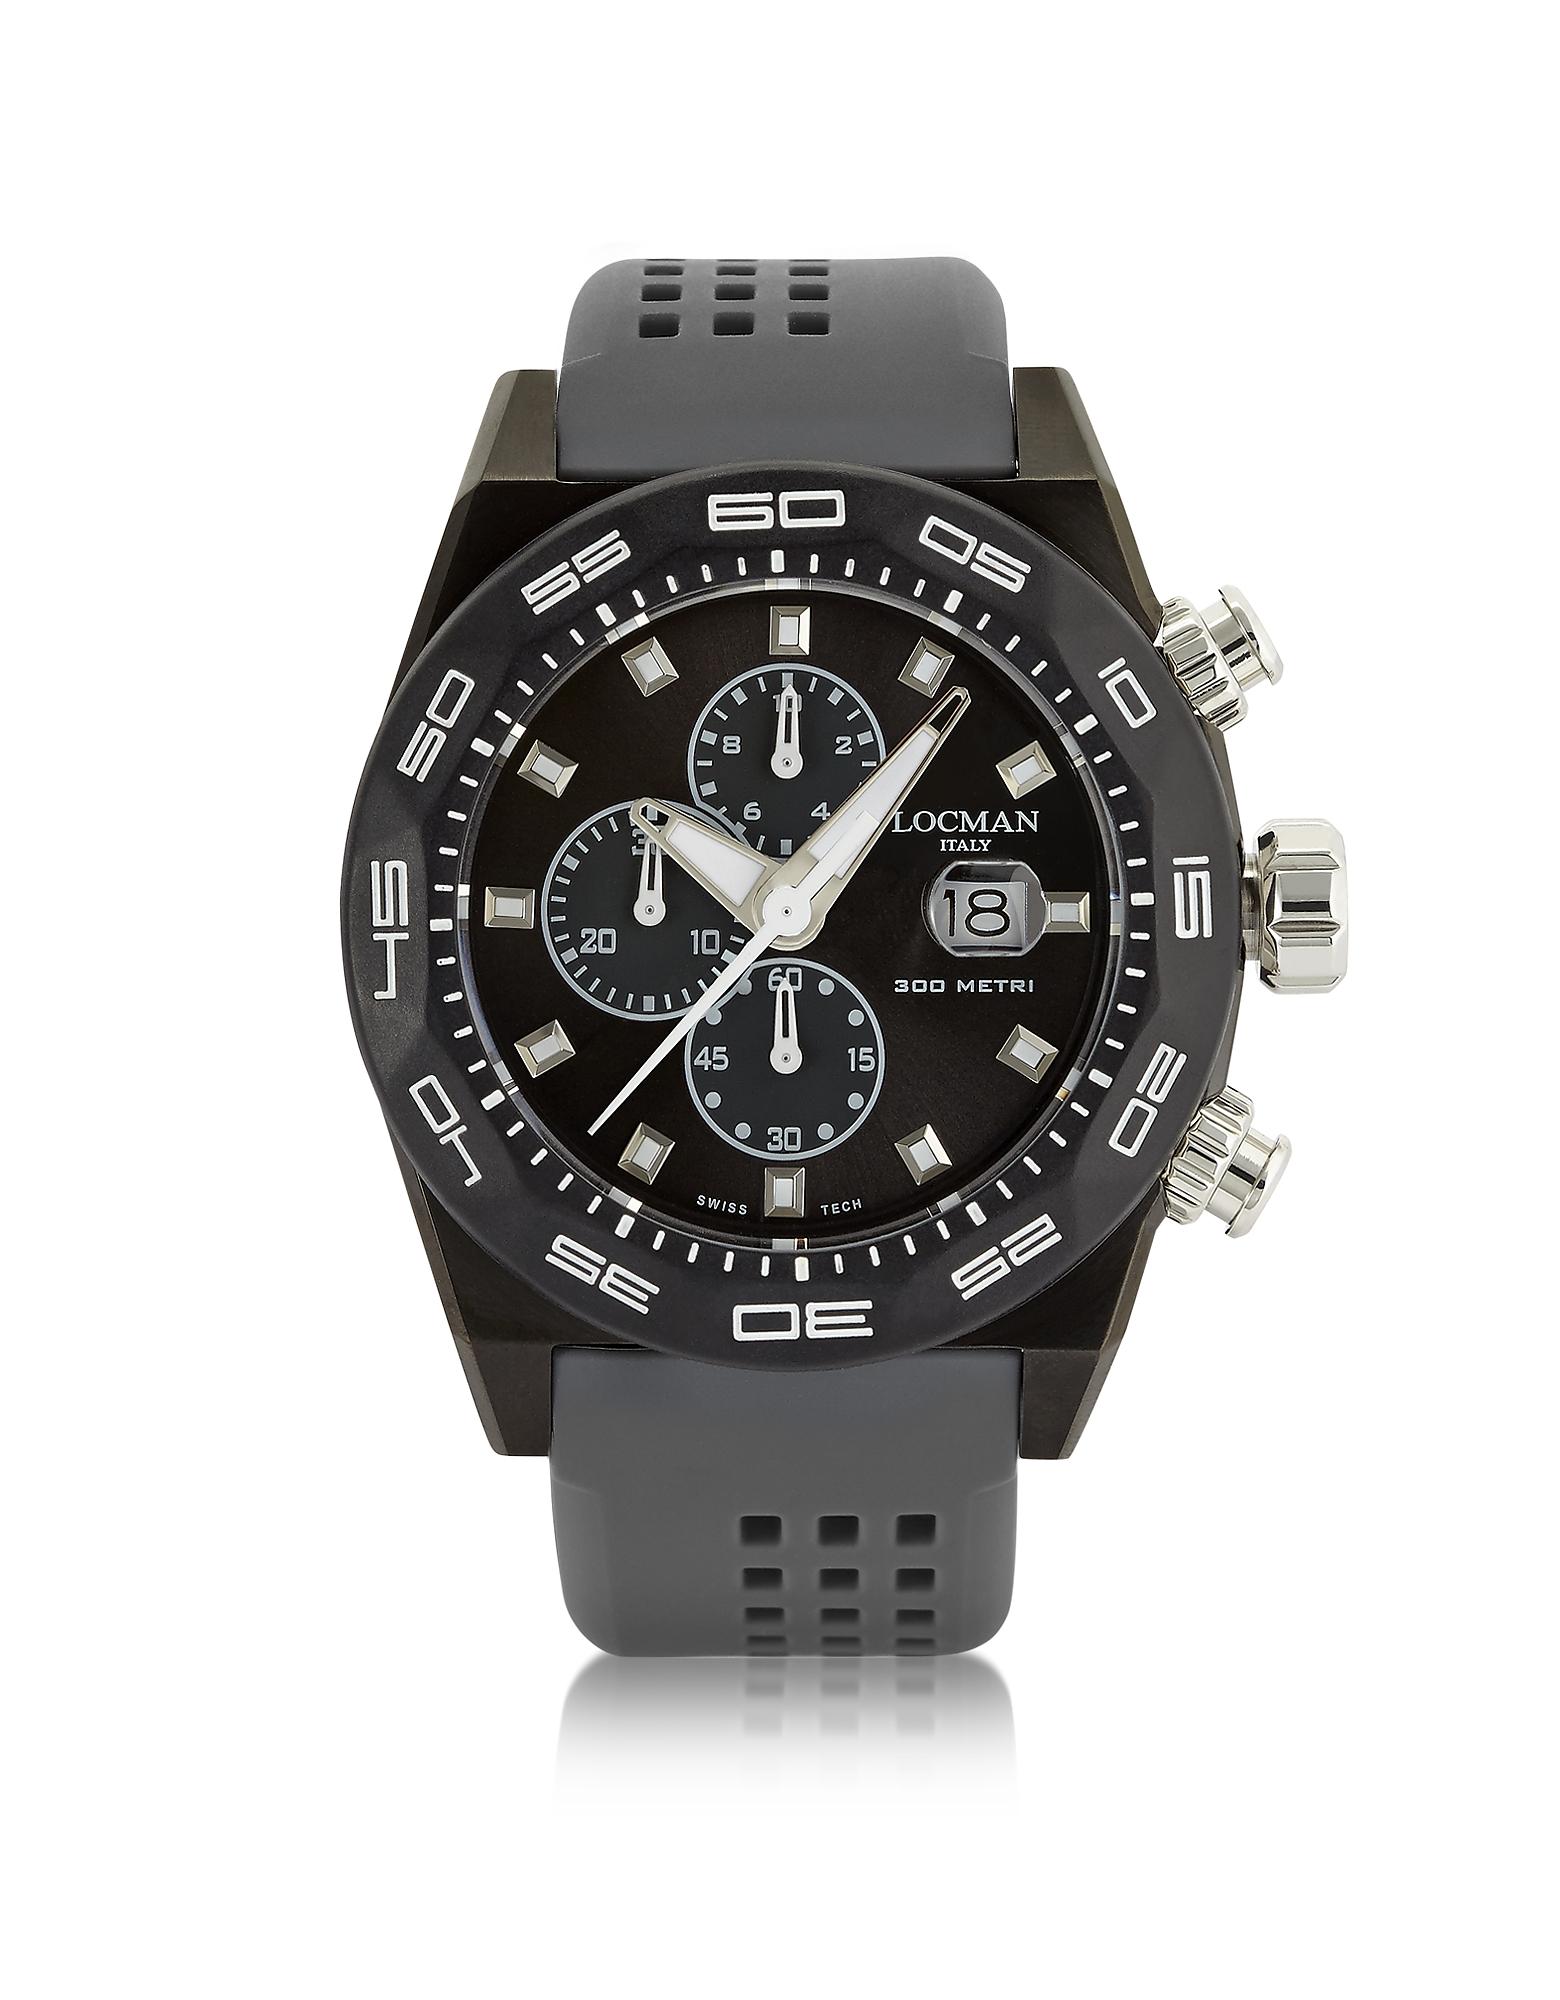 Фото Stealth 300mt - Темно-серые Мужские Часы Хронограф из Нержавеющей Стали и Титана с Кварцевым Механизмом. Купить с доставкой